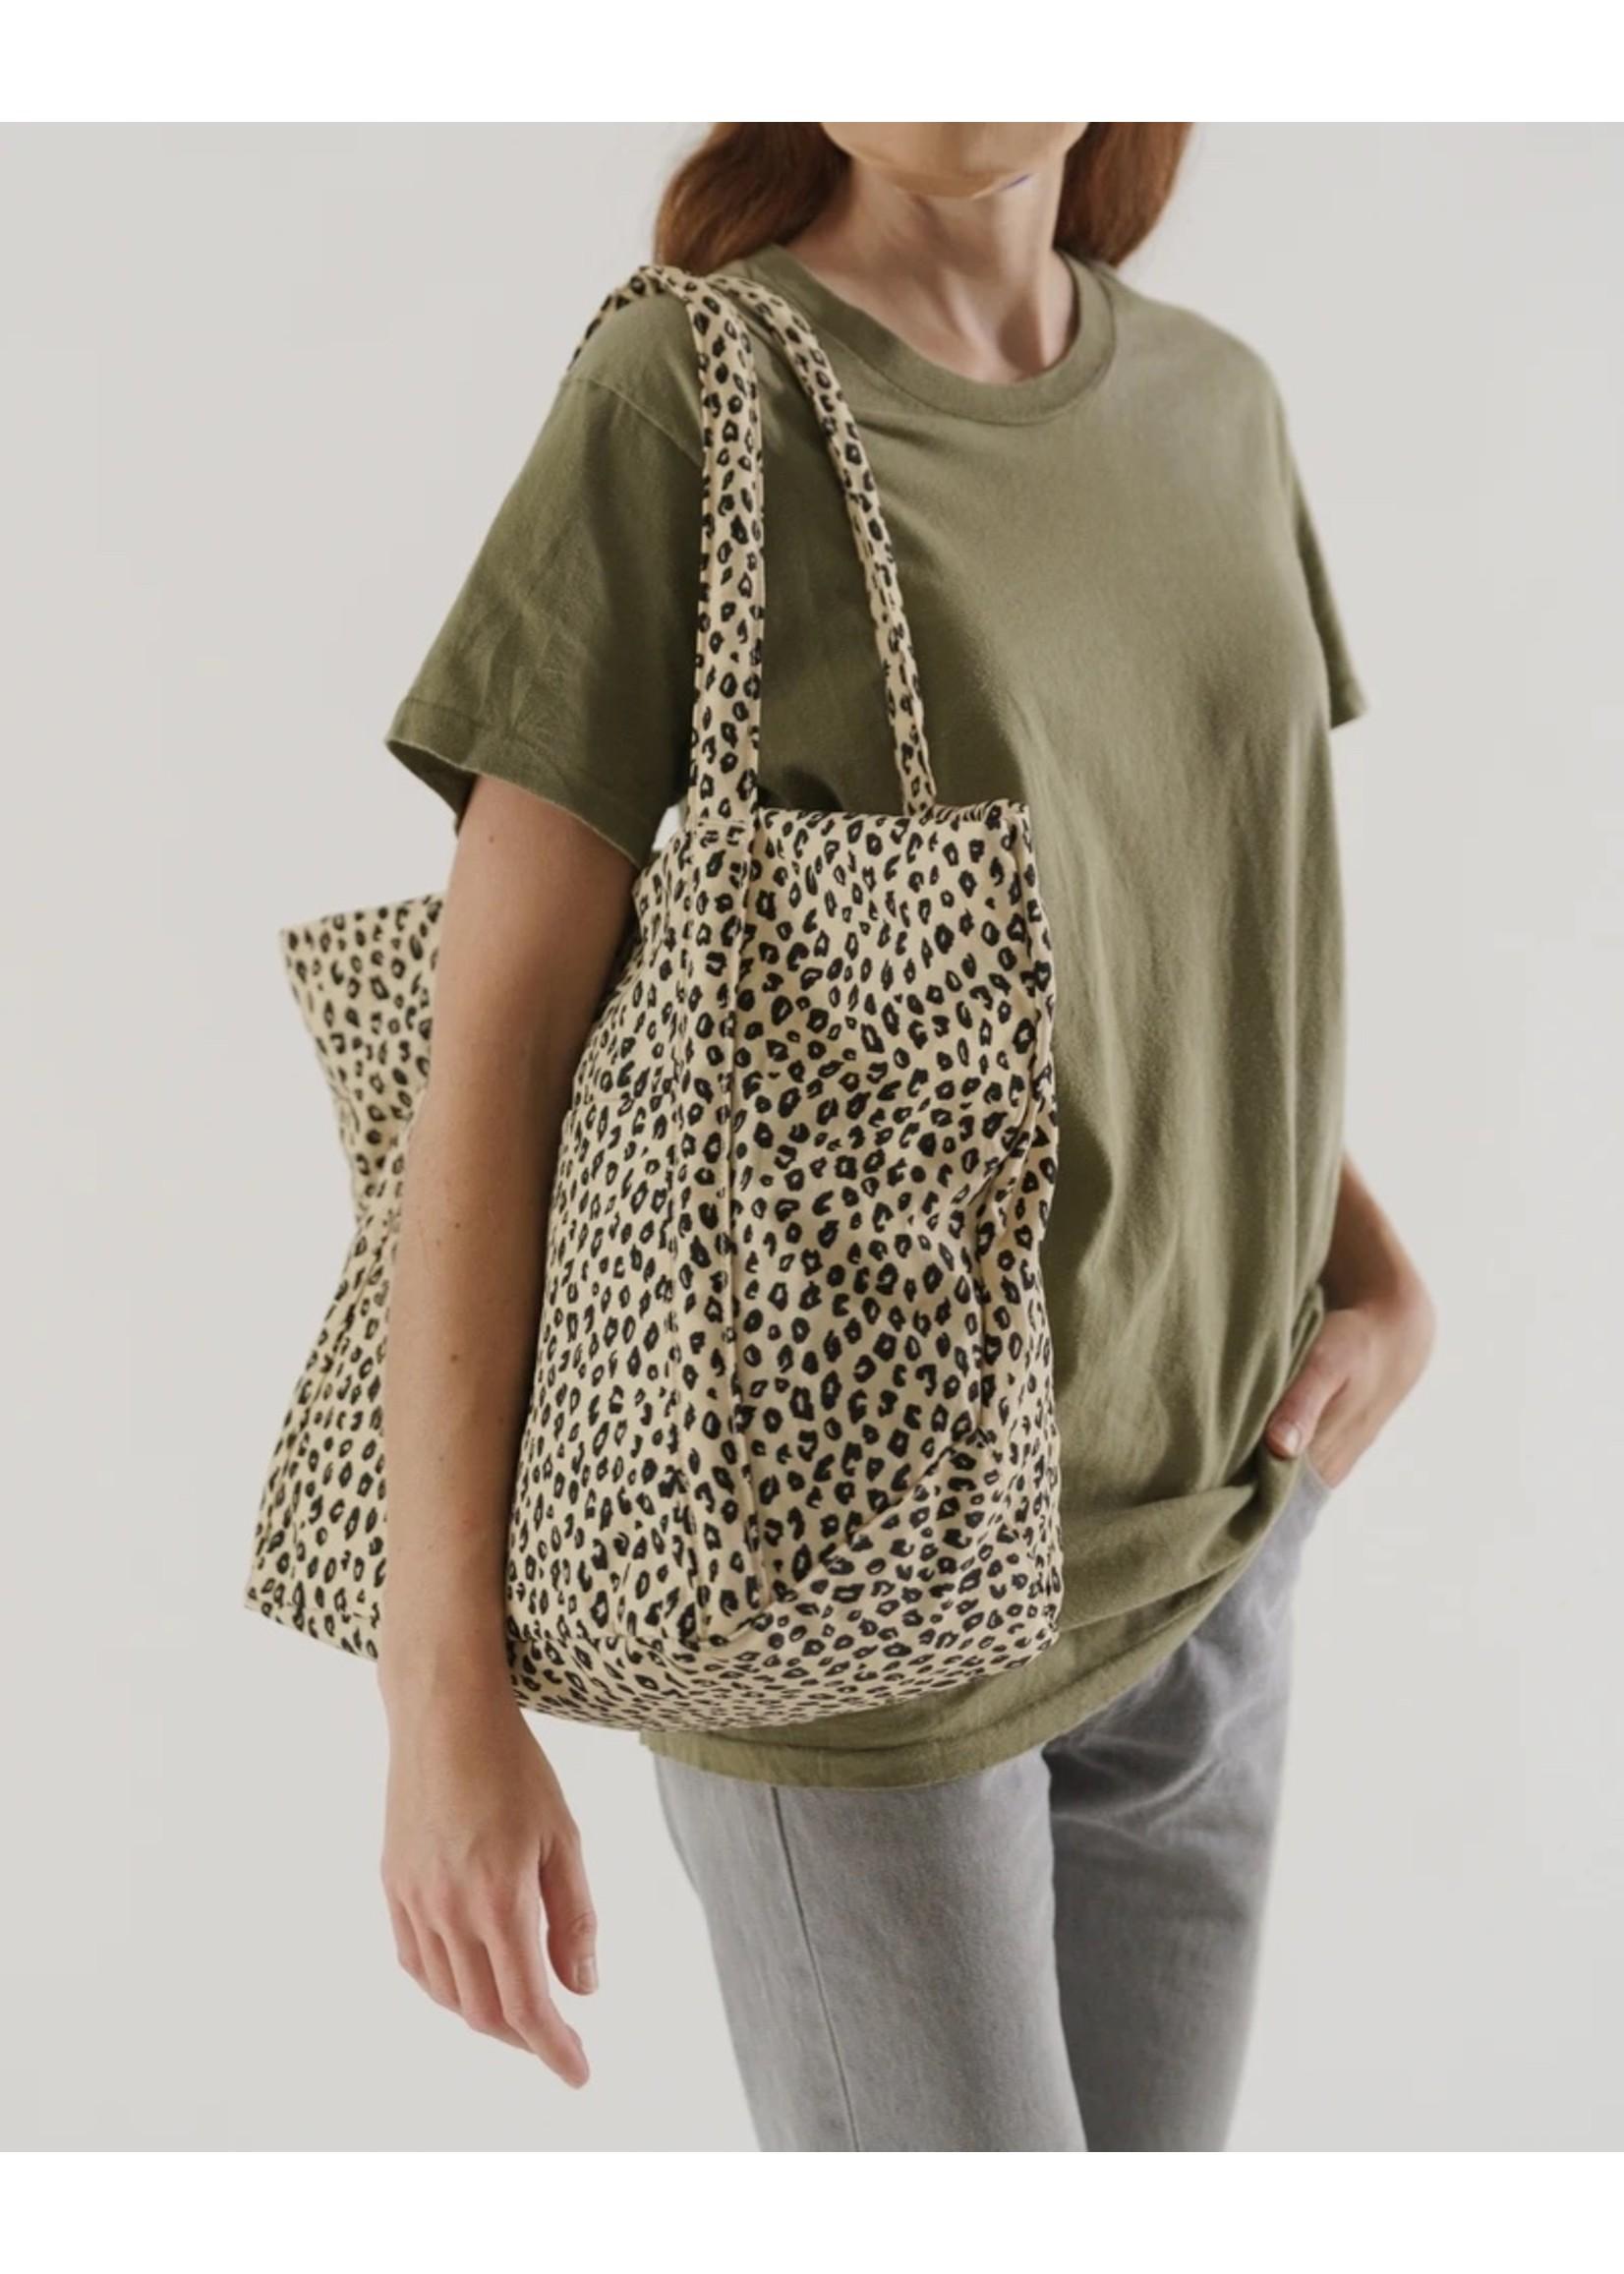 Baggu Baggu Cloud Bag - Honey Leopard